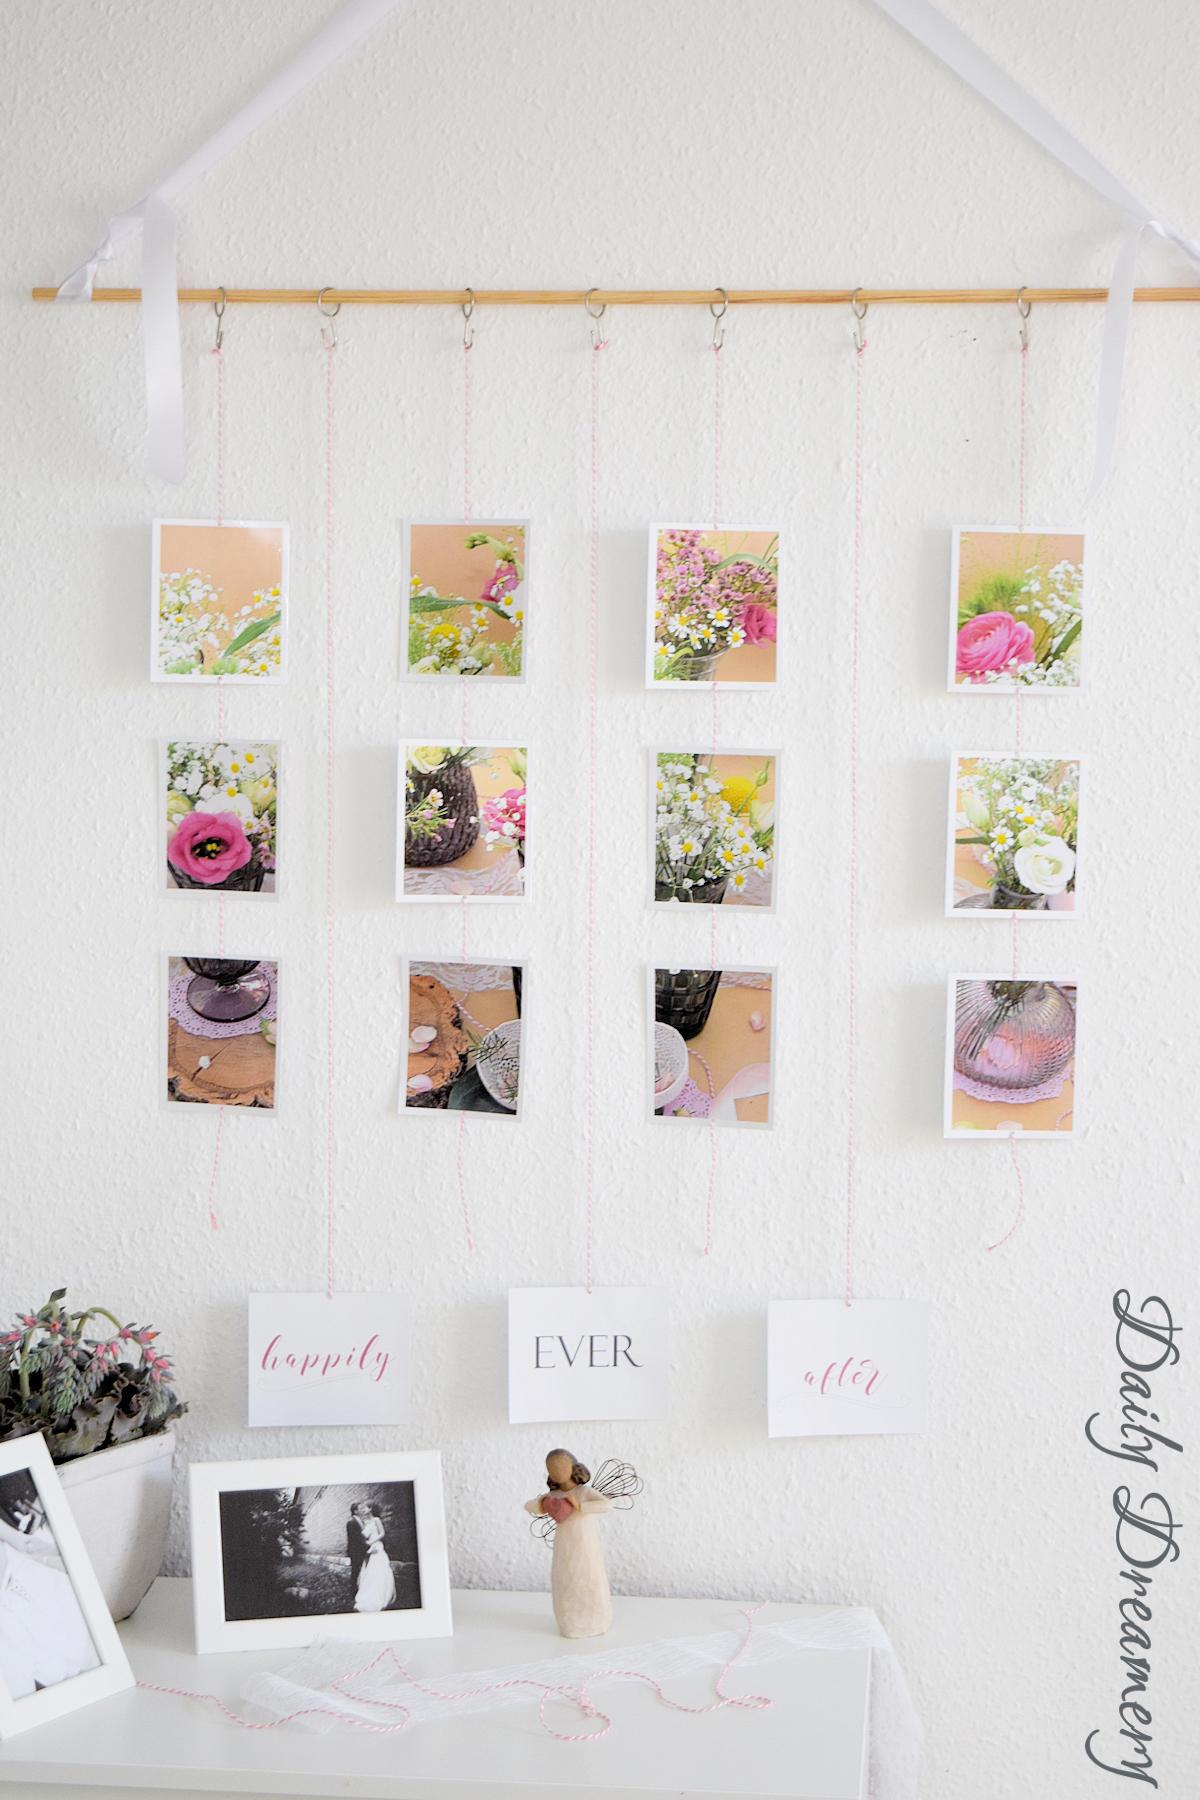 Hochzeitsfotos als Wanddekoration mit posterXXL - Wandbehang aus Fotos #diy #fotos #wanddekoration